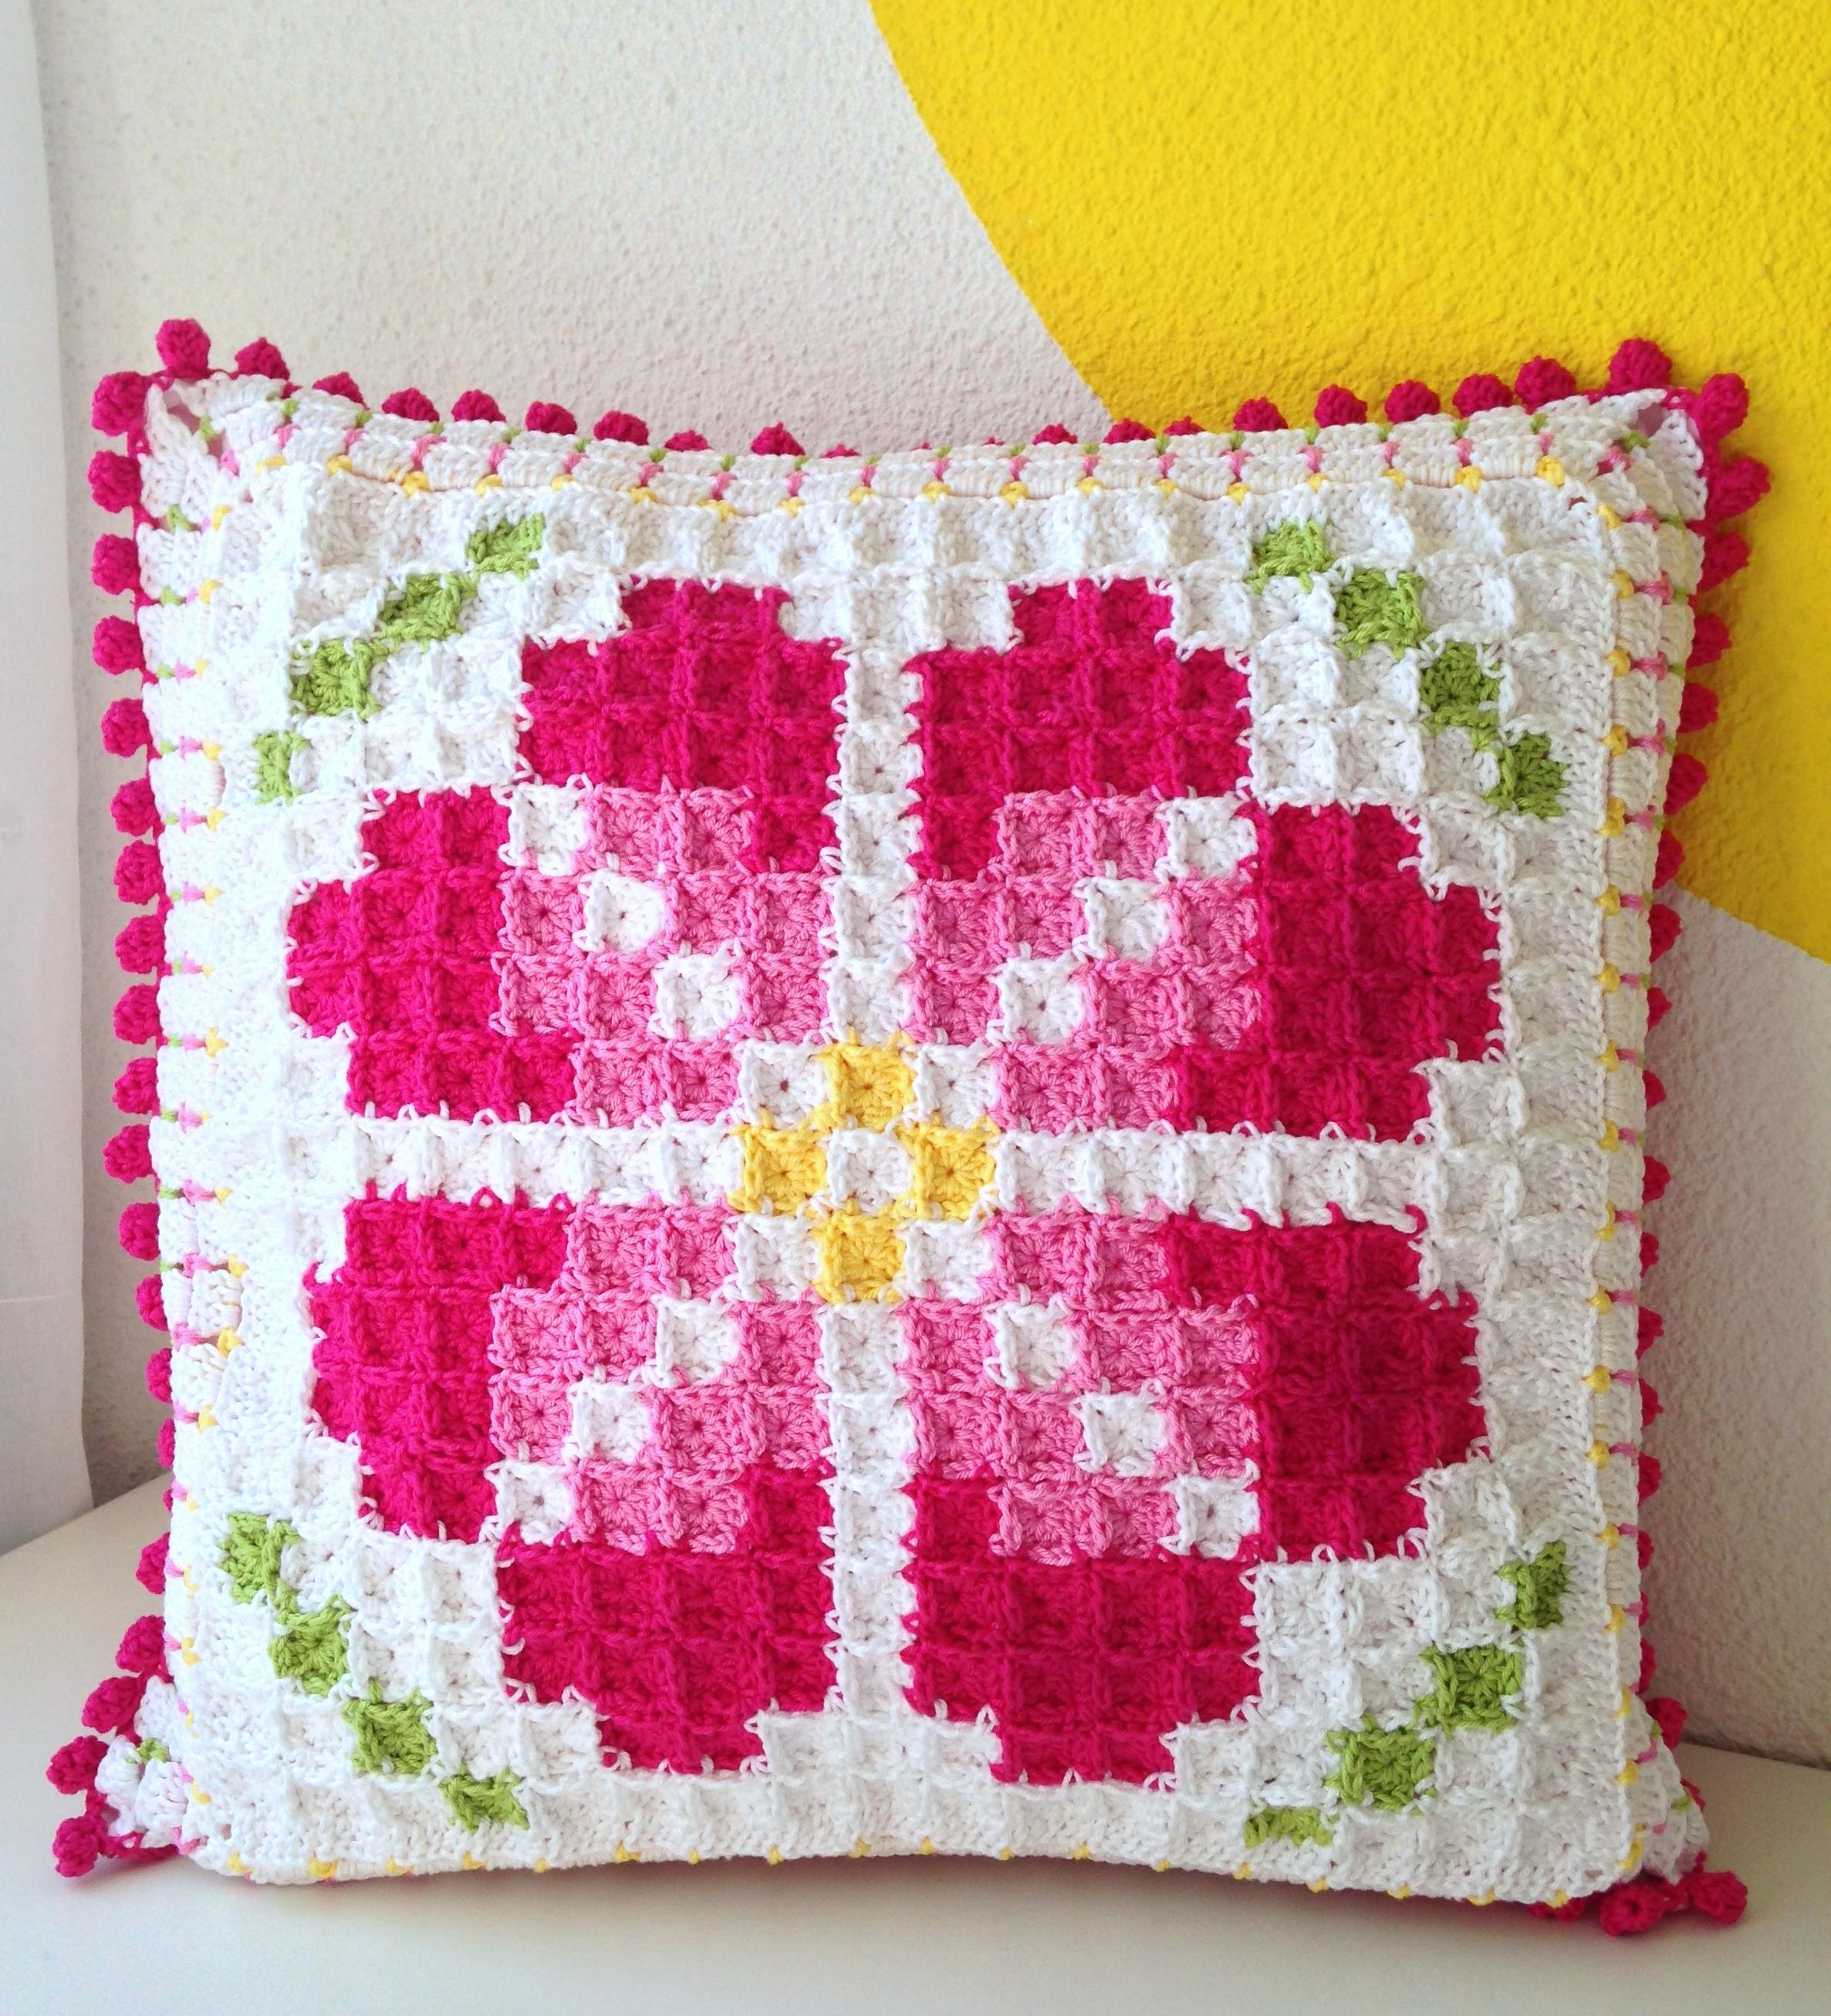 Pixelated cushion – maRRose